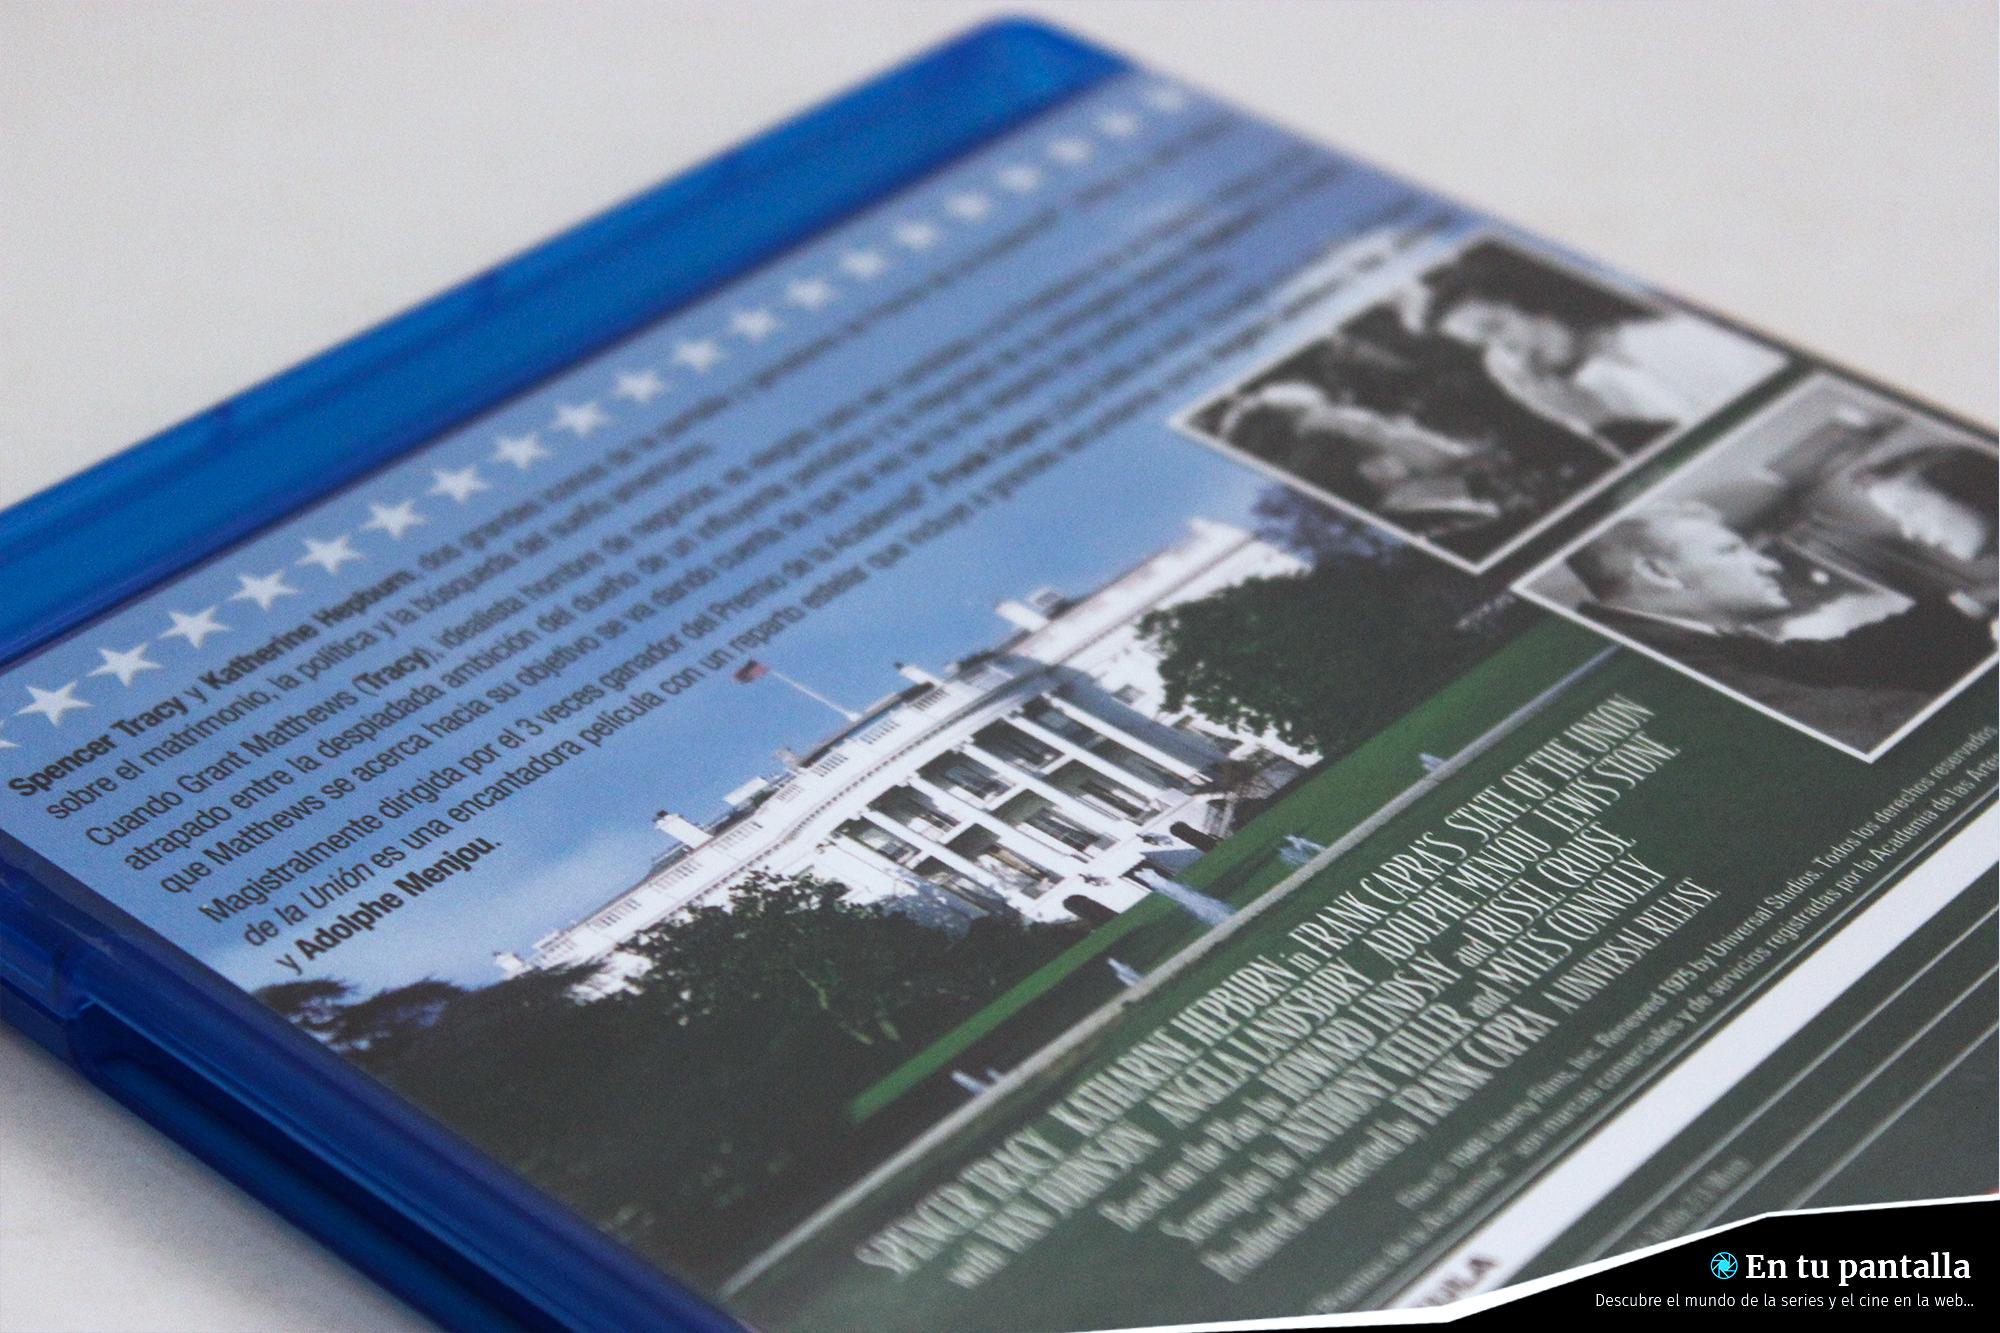 Análisis Blu-ray: 'El estado de la unión', un gran clásico por primera vez en Blu-ray • En tu pantalla